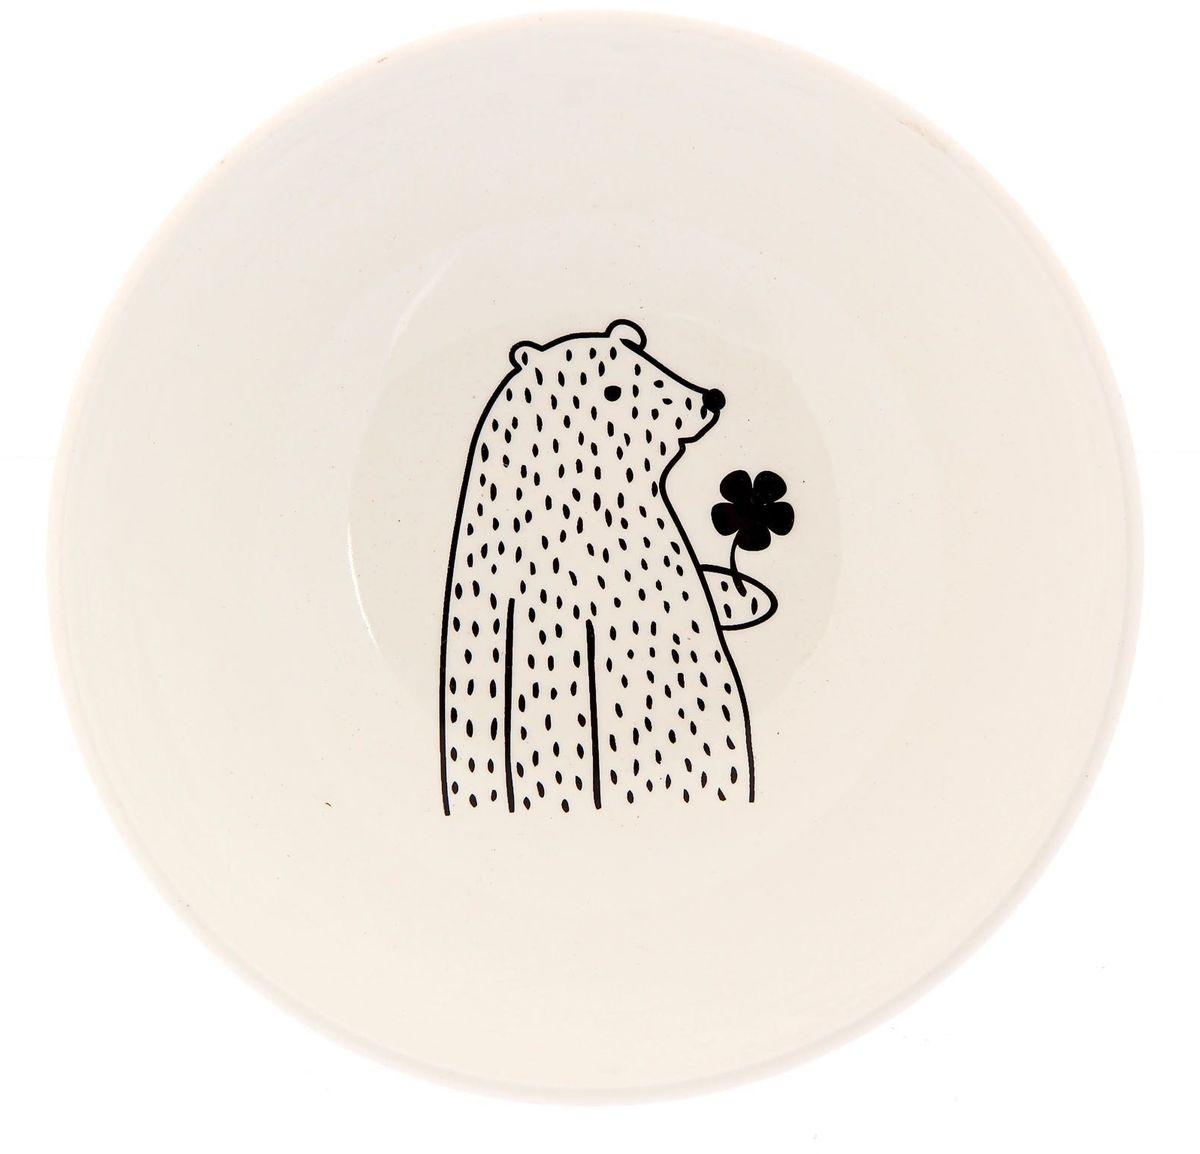 Салатник Сотвори чудо Цветочный мишка, диаметр 16,5 см2277849Хотите обновить интерьер кухни или гостиной? Устраиваете необычную фотосессию или тематический праздник? А может, просто ищете подарок для близкого человека? Посуда « Сотвори Чудо» — правильный выбор в любой ситуации. Её достоинства: изящный фаянс нежного сливочного цвета; стойкость краски; пригодность для посудомоечных машин.